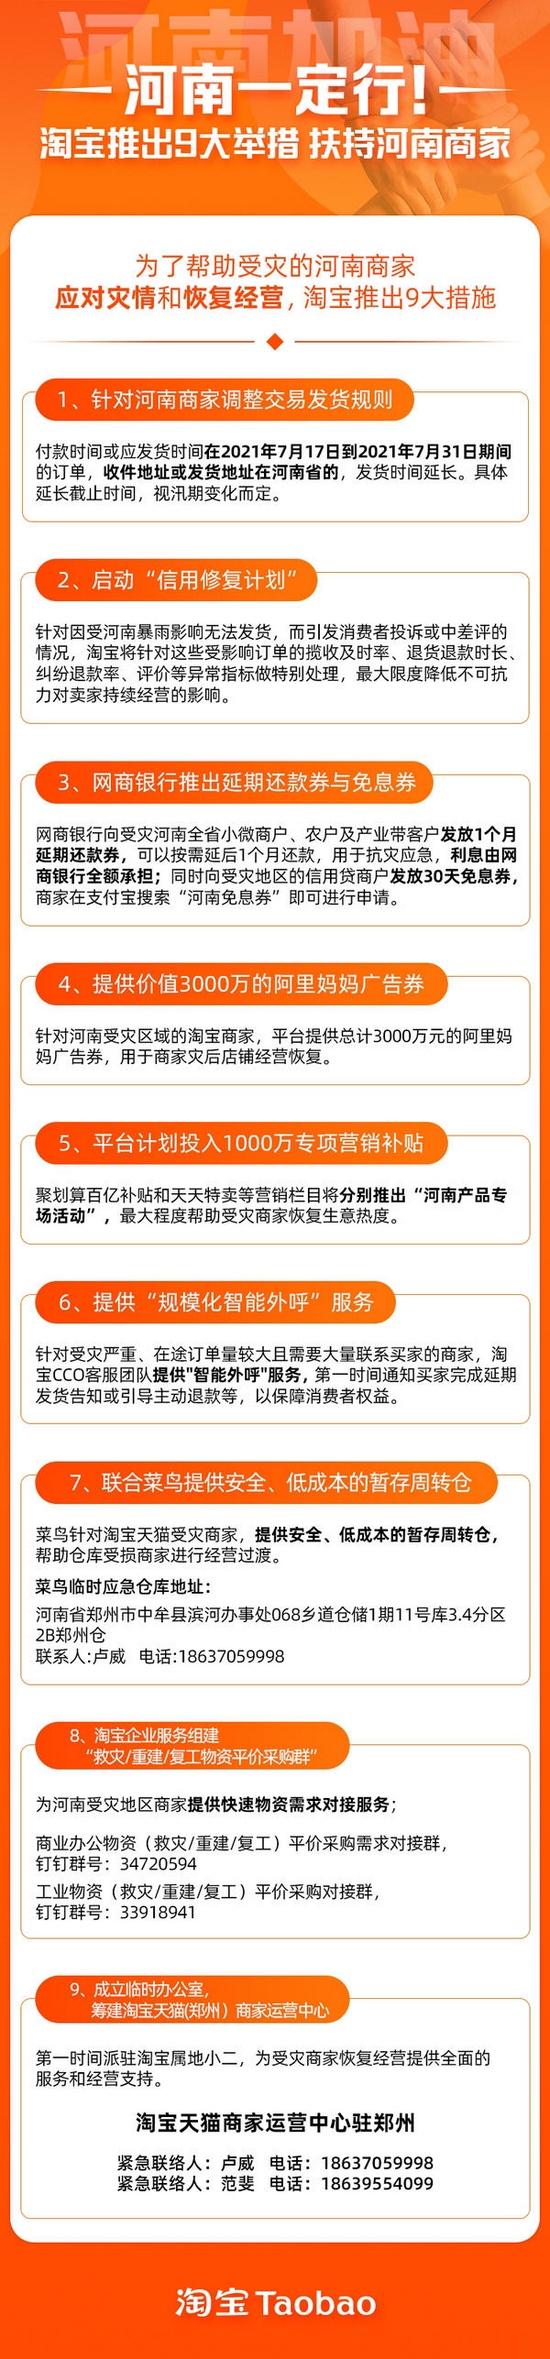 淘宝推出9大举措帮助河南商家应对灾情恢复经营